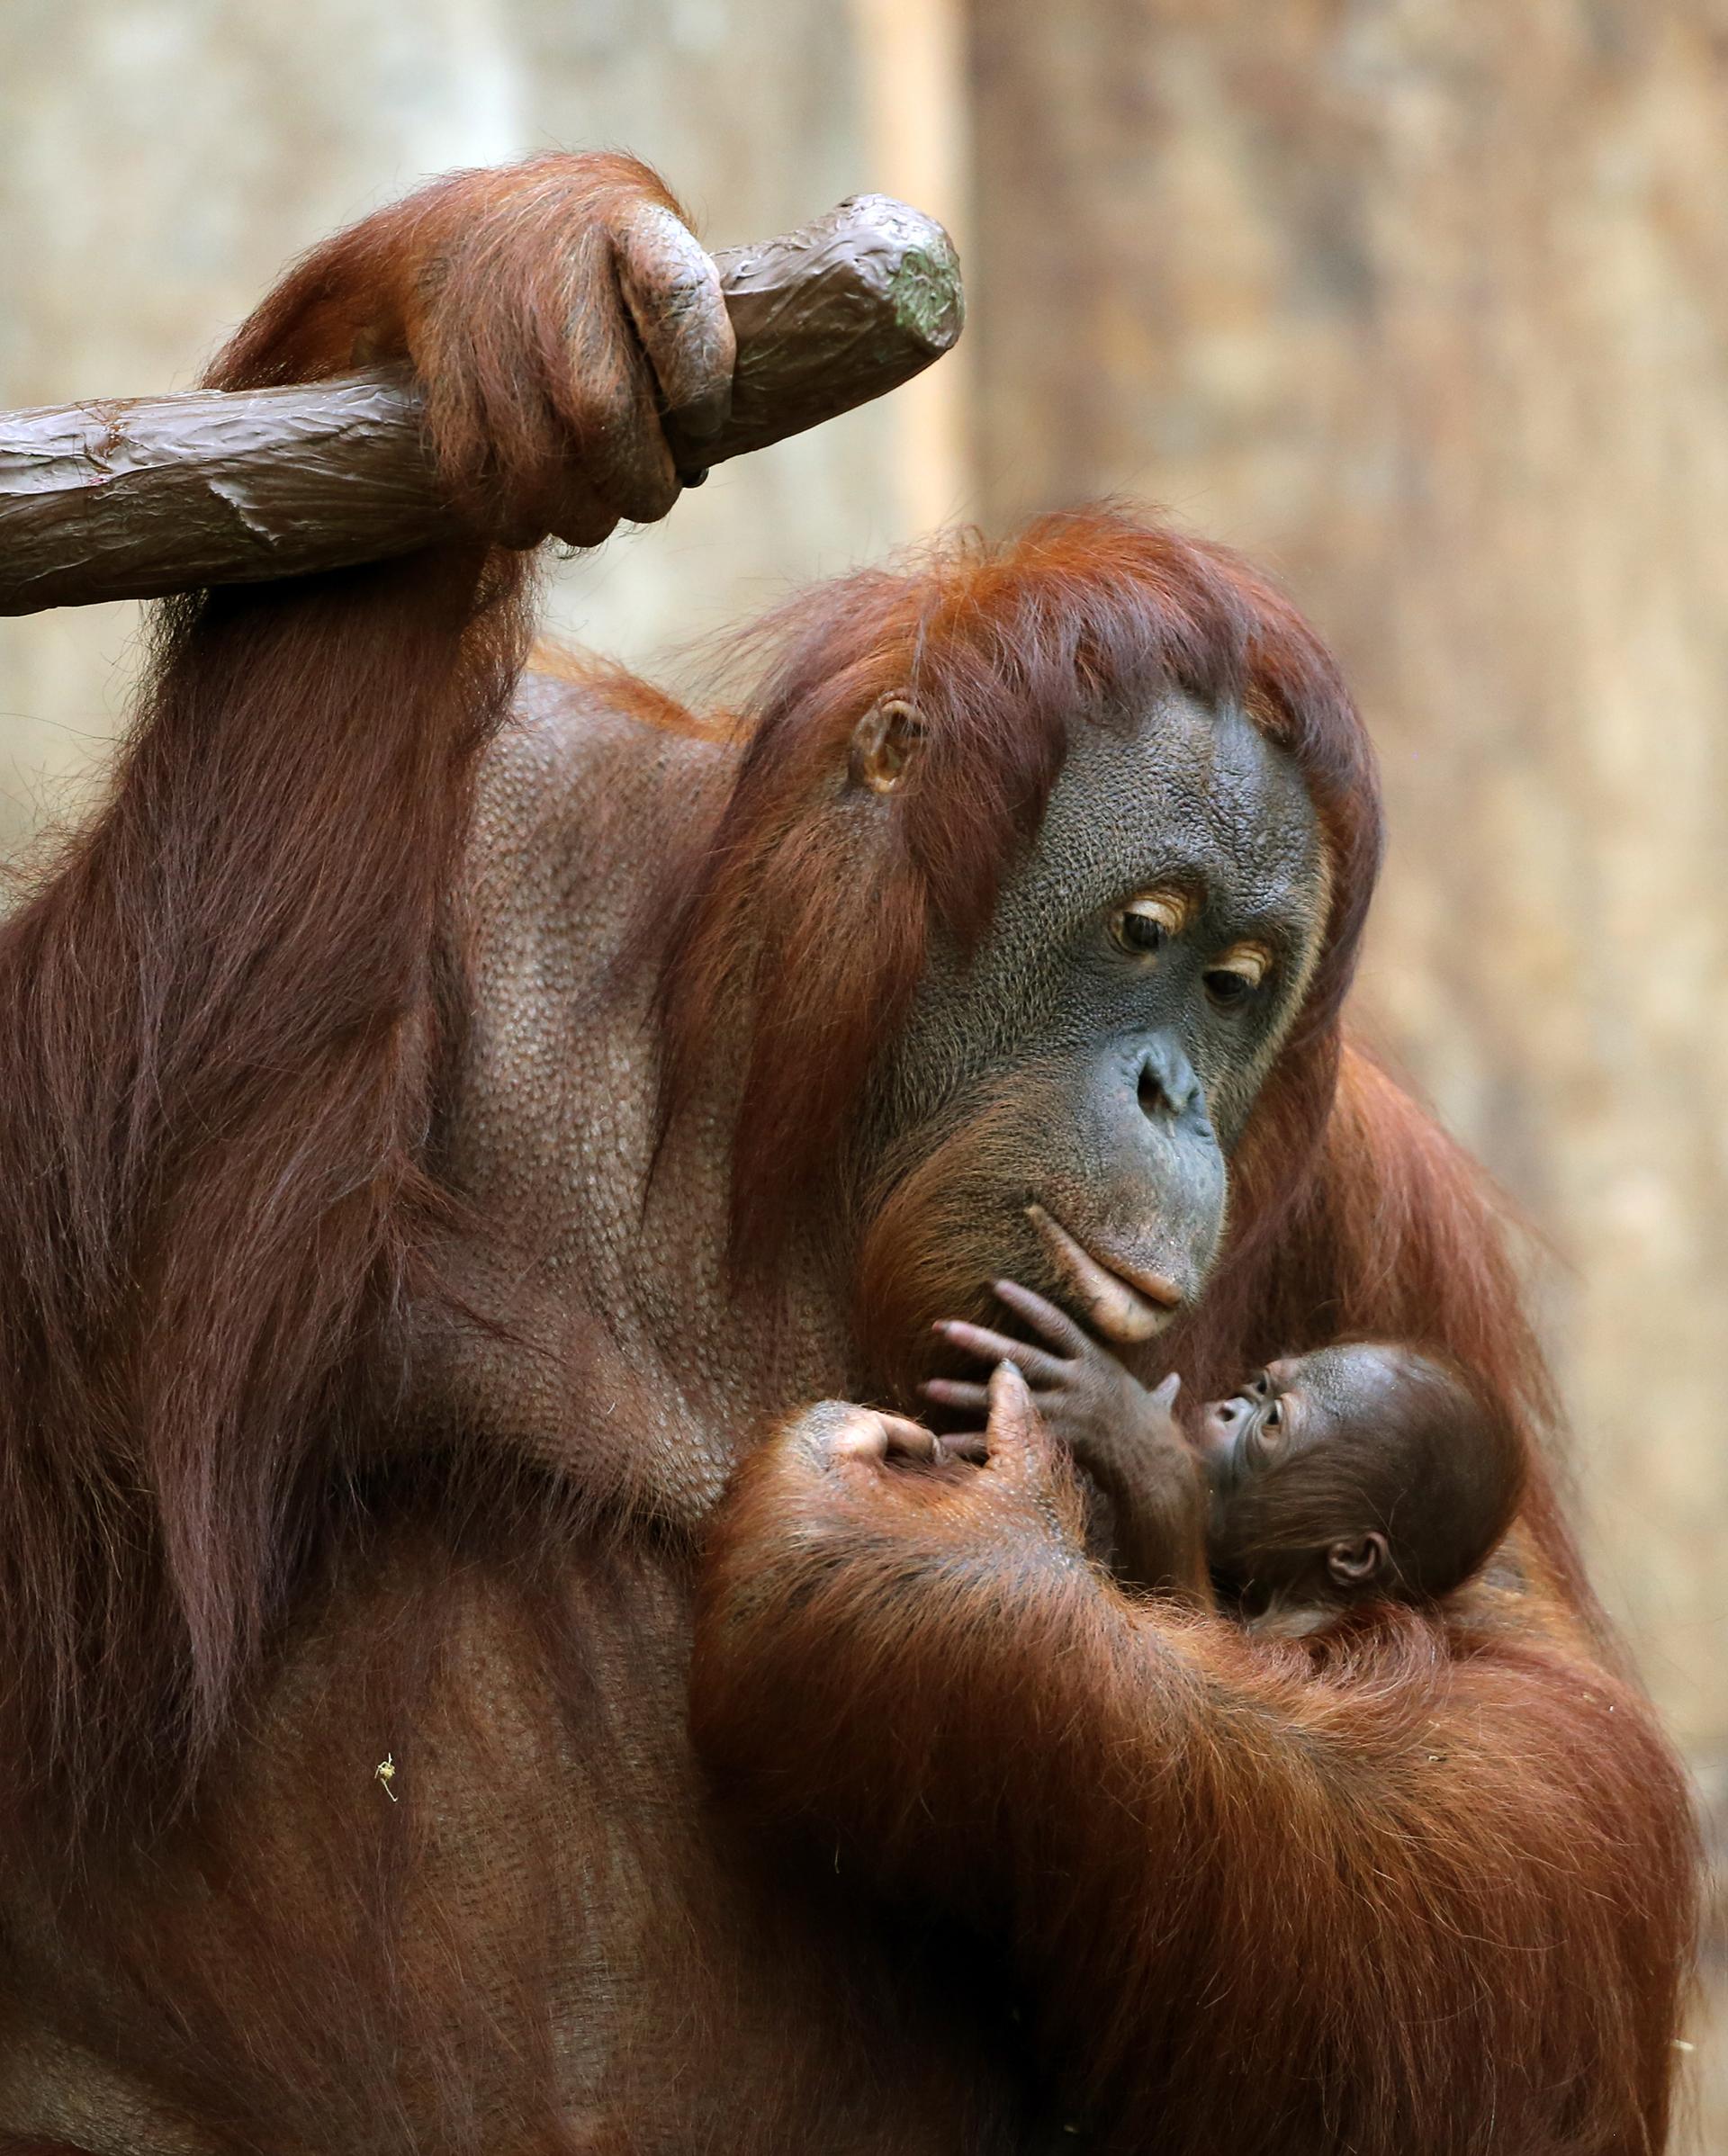 Una orangután de tres días de edad se aferra a su madre en el zoológico de Krefeld, Alemania